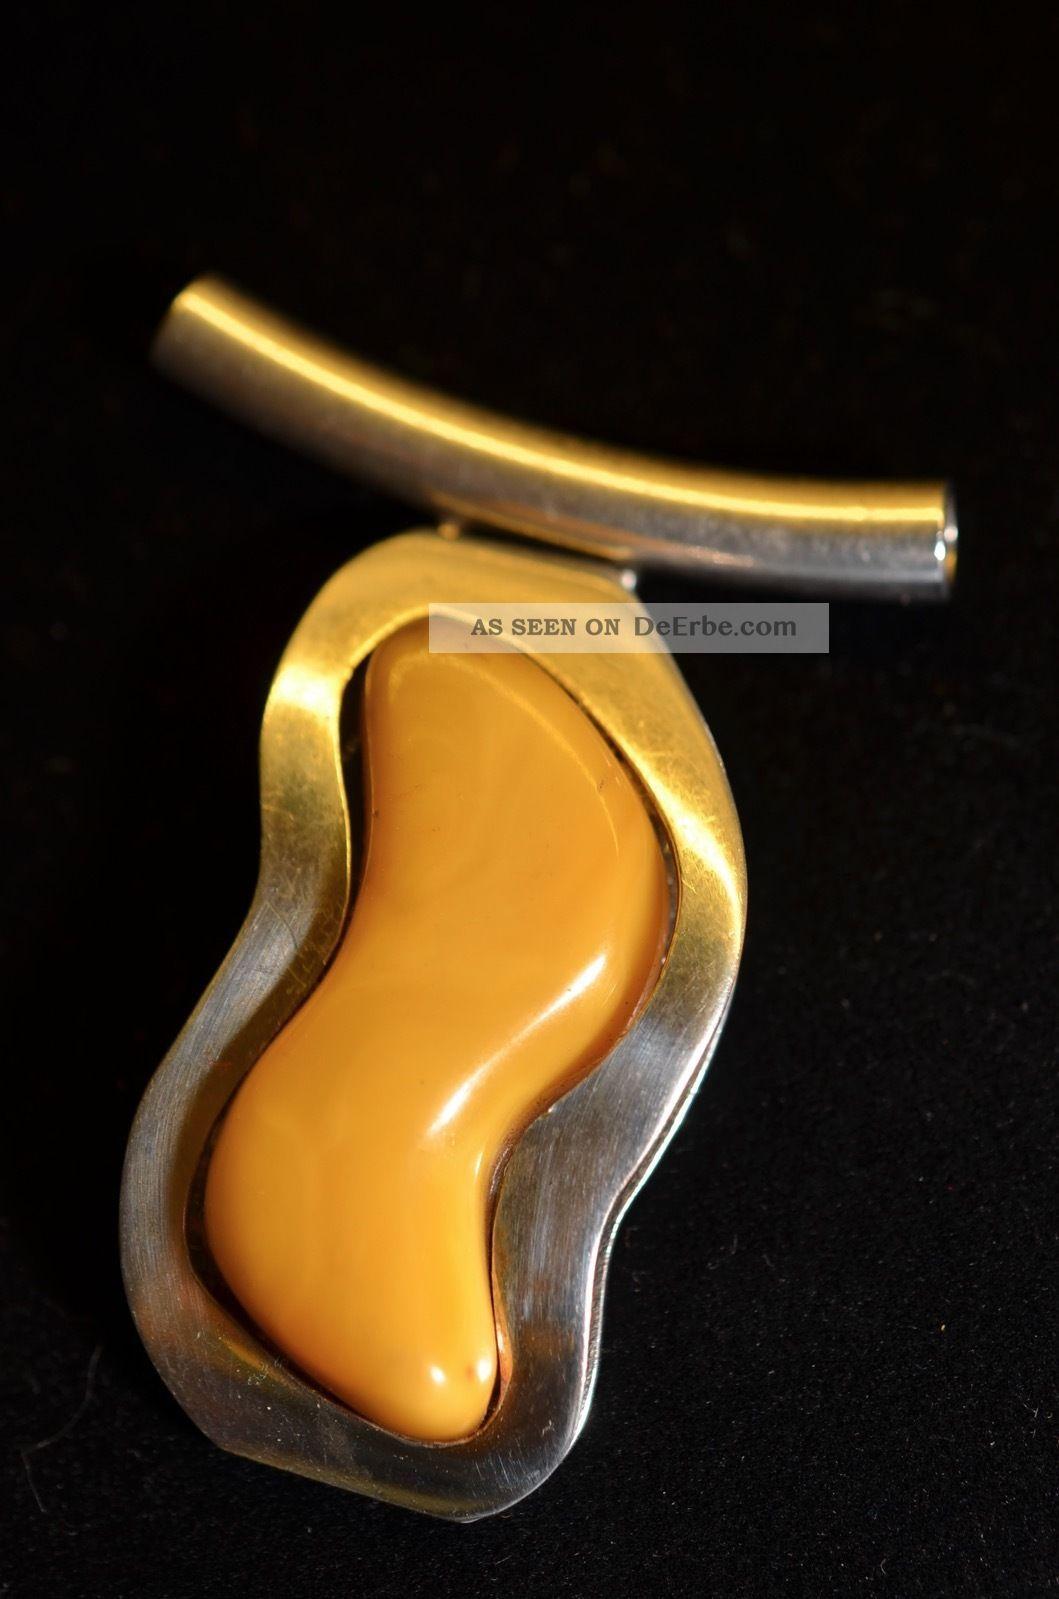 Alter Schöner Designer Bernsteinanhänger Amber Butterscotch Silber 925 Schmuck & Accessoires Bild